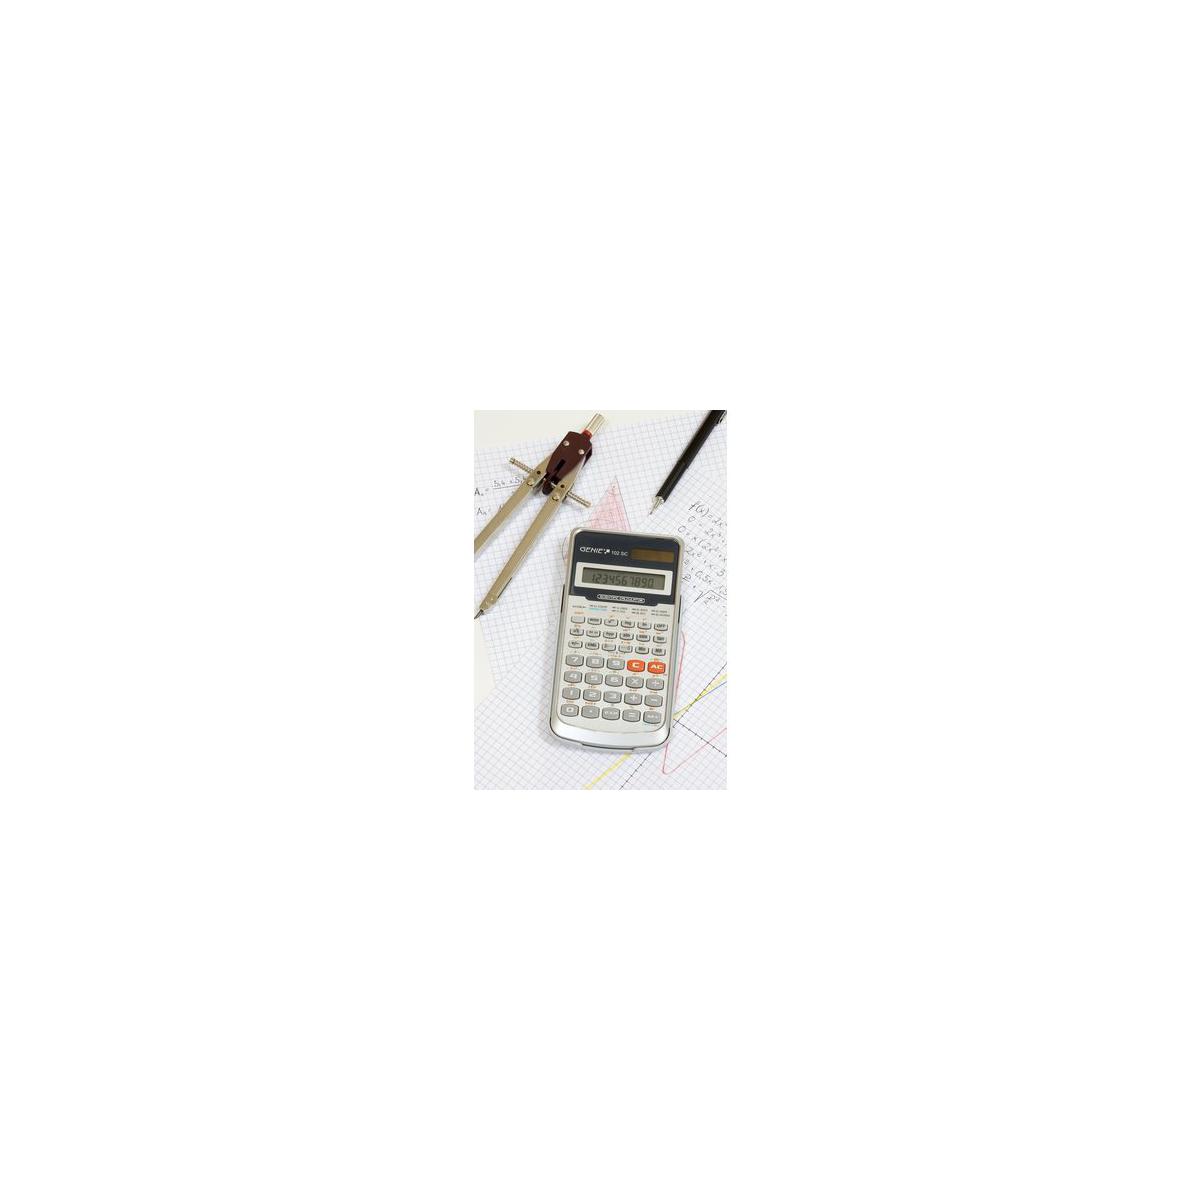 Taschenrechner 102 sc 102 sc 10 stellige anzeig mit 2 for Design tisch taschenrechner